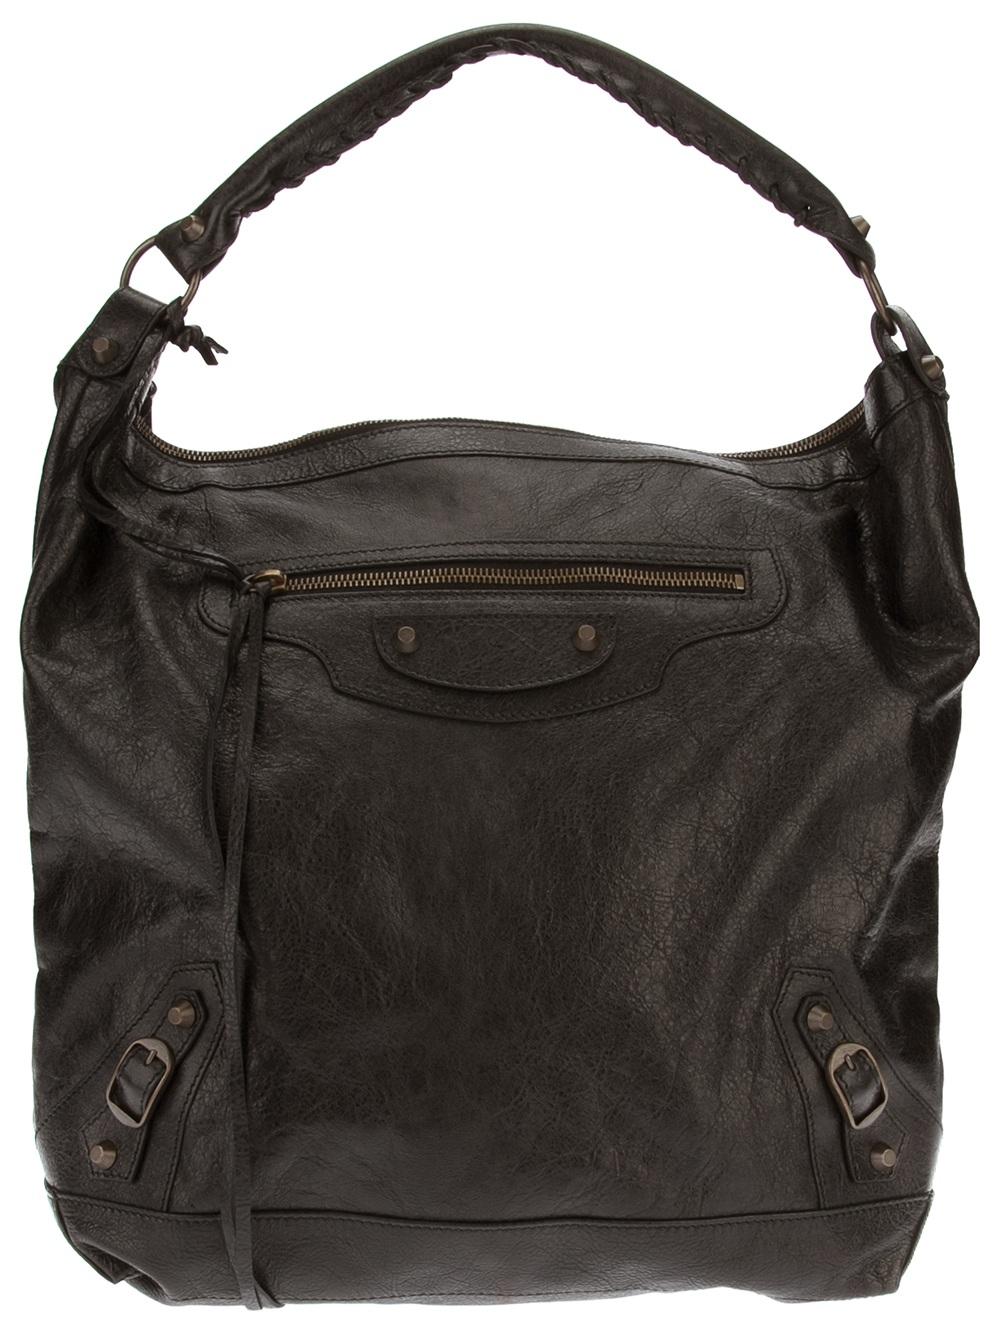 Balenciaga Classic Day Tote Bag in Black